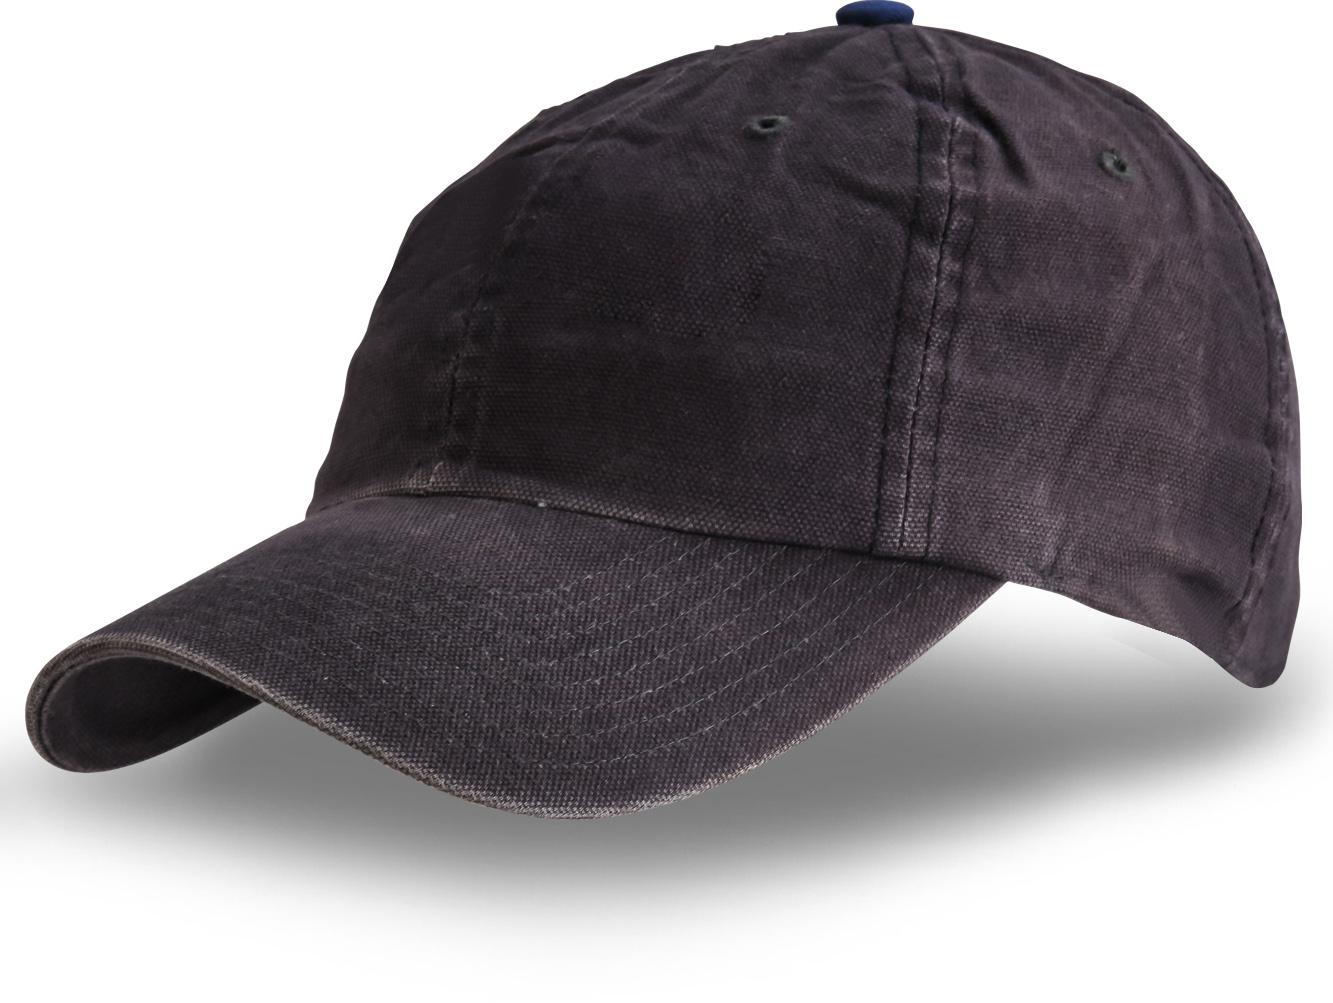 Серая джинсовая бейсболка - купить в интернет-магазине с доставкой